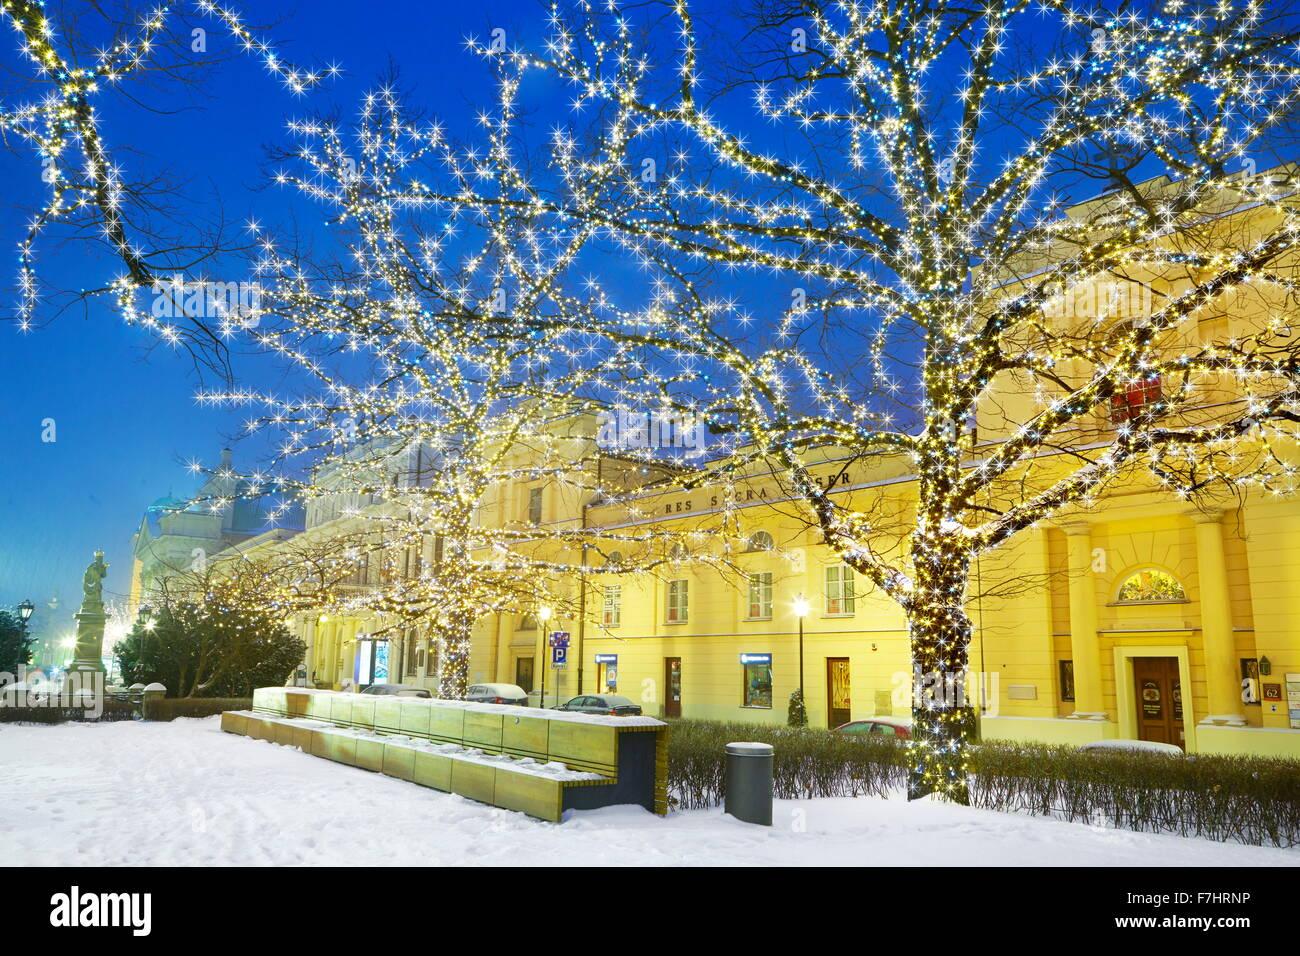 Decoración de Navidad de invierno al aire libre, Varsovia, Polonia Imagen De Stock